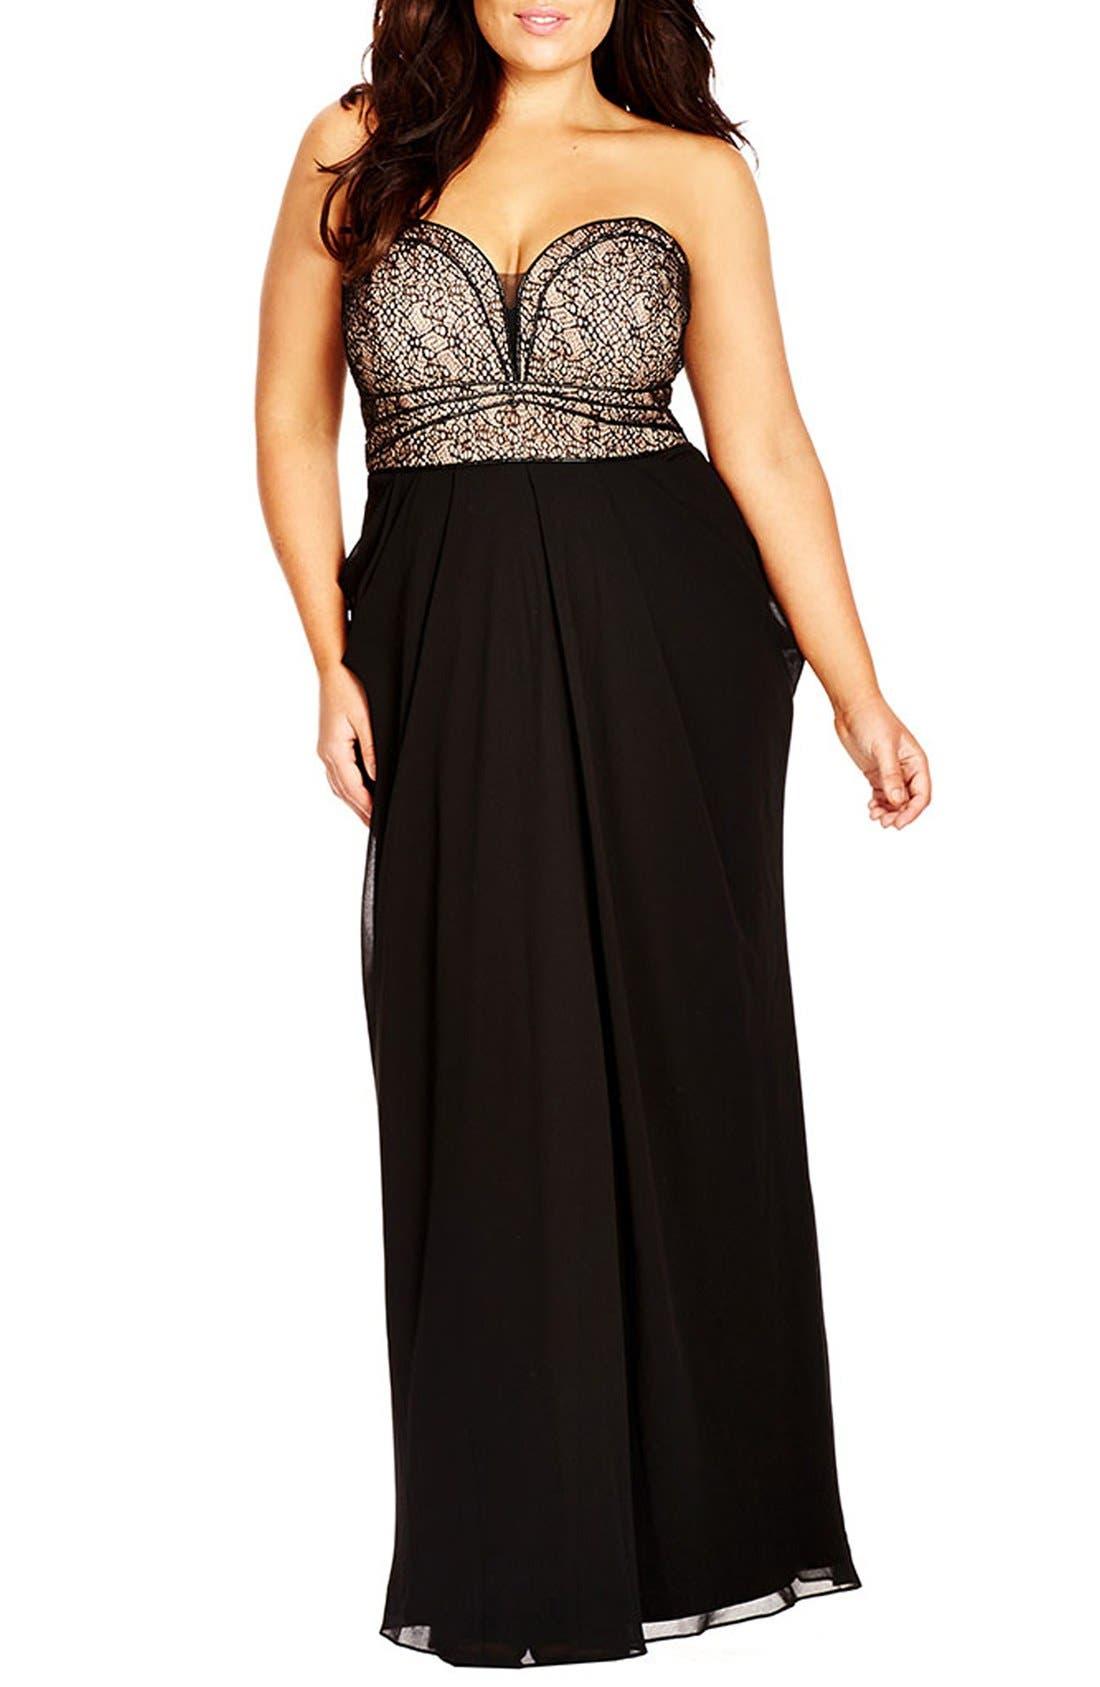 Plus Size City Chic Motown Strapless Lace & Chiffon Maxi Dress